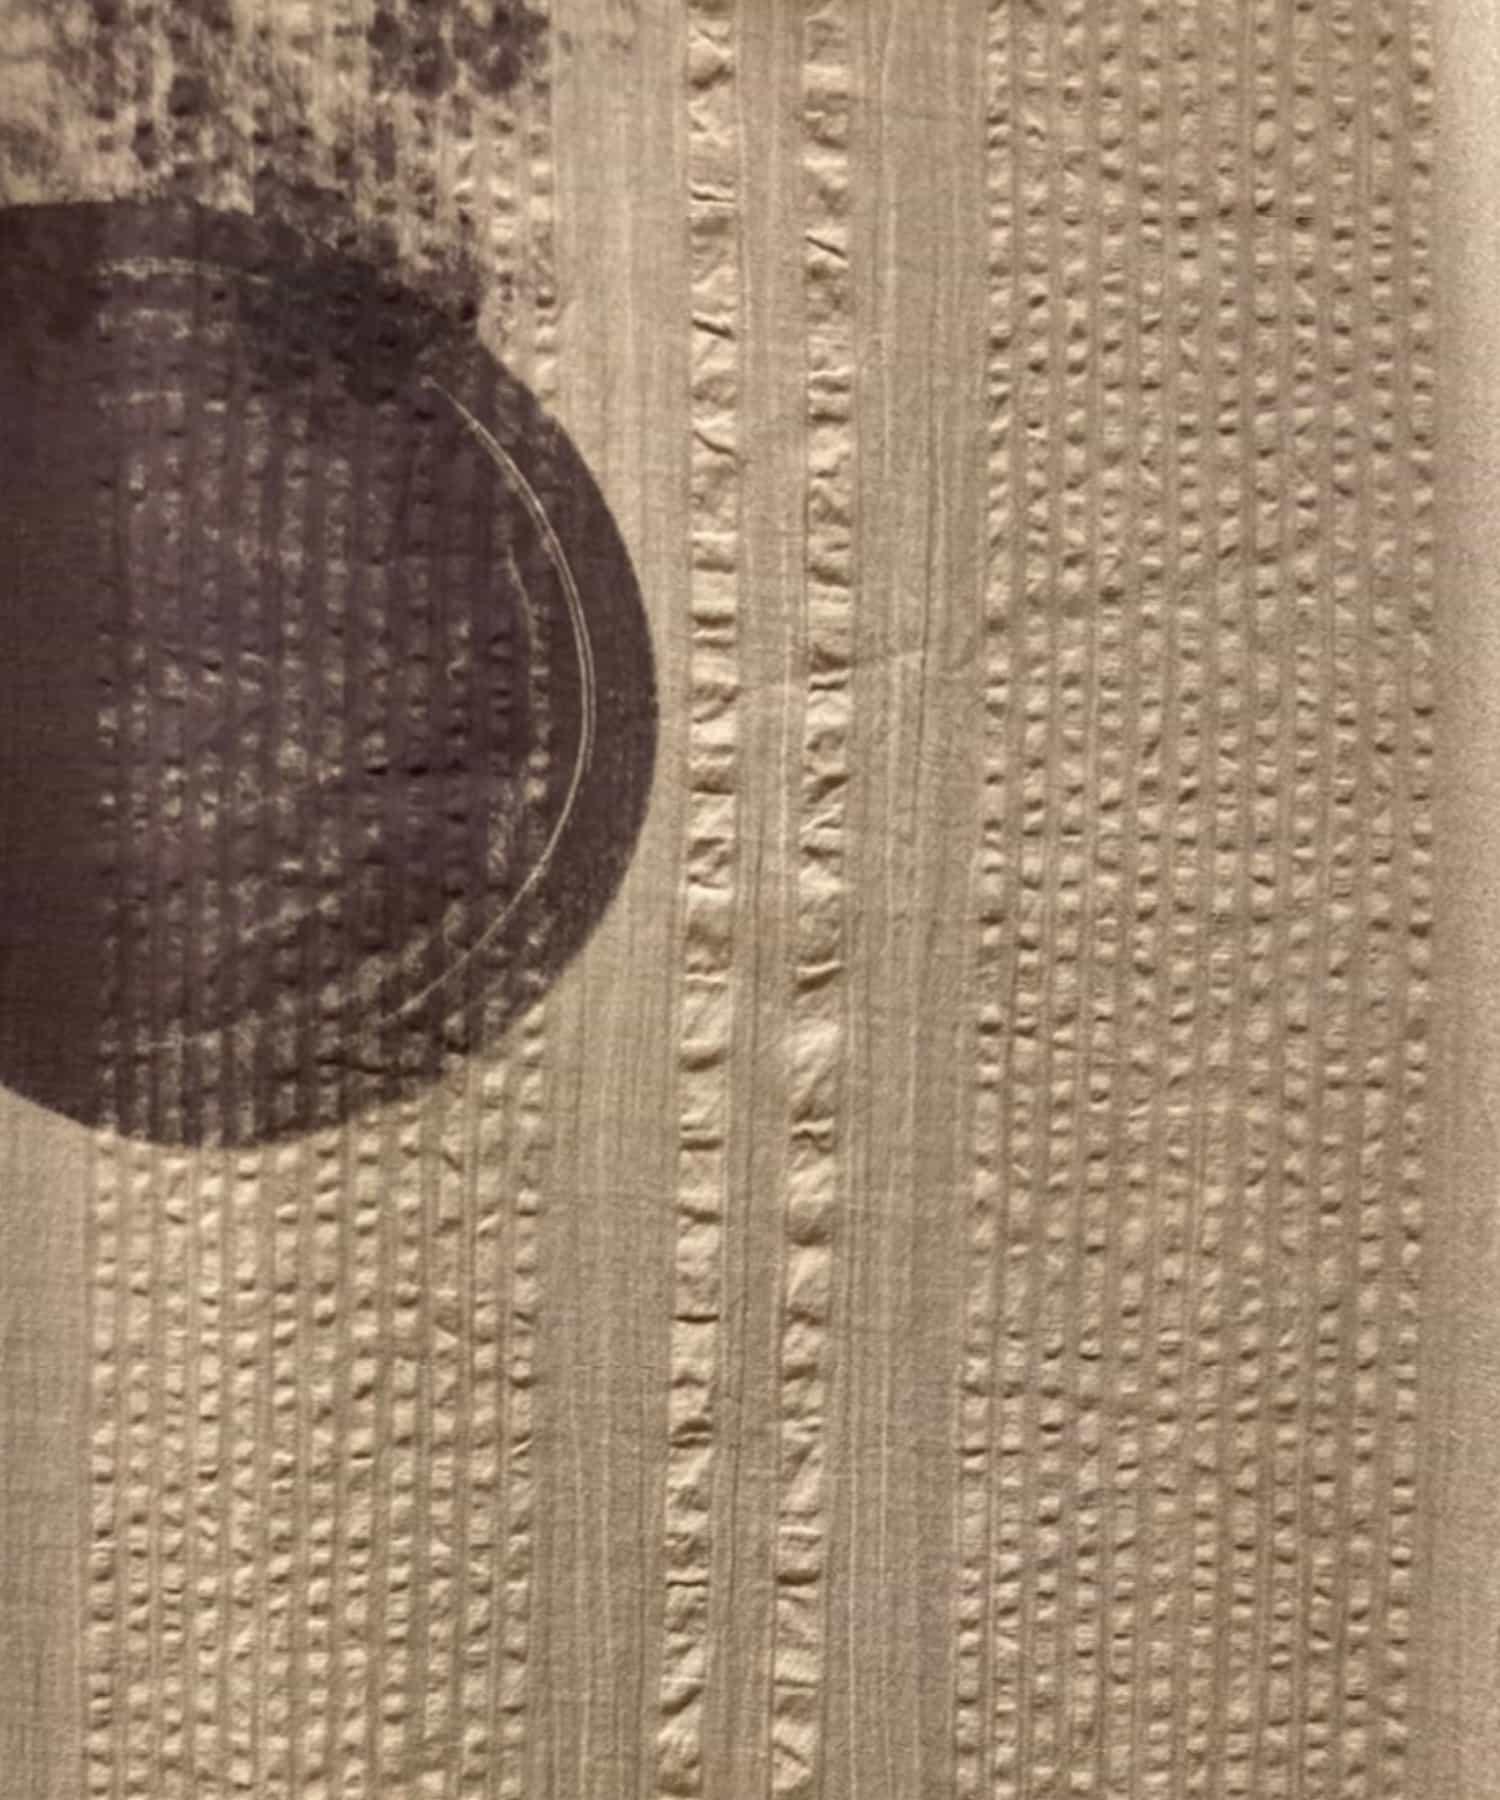 Pal collection(パルコレクション) 《綿100%の心地よさ》ドットワンピース